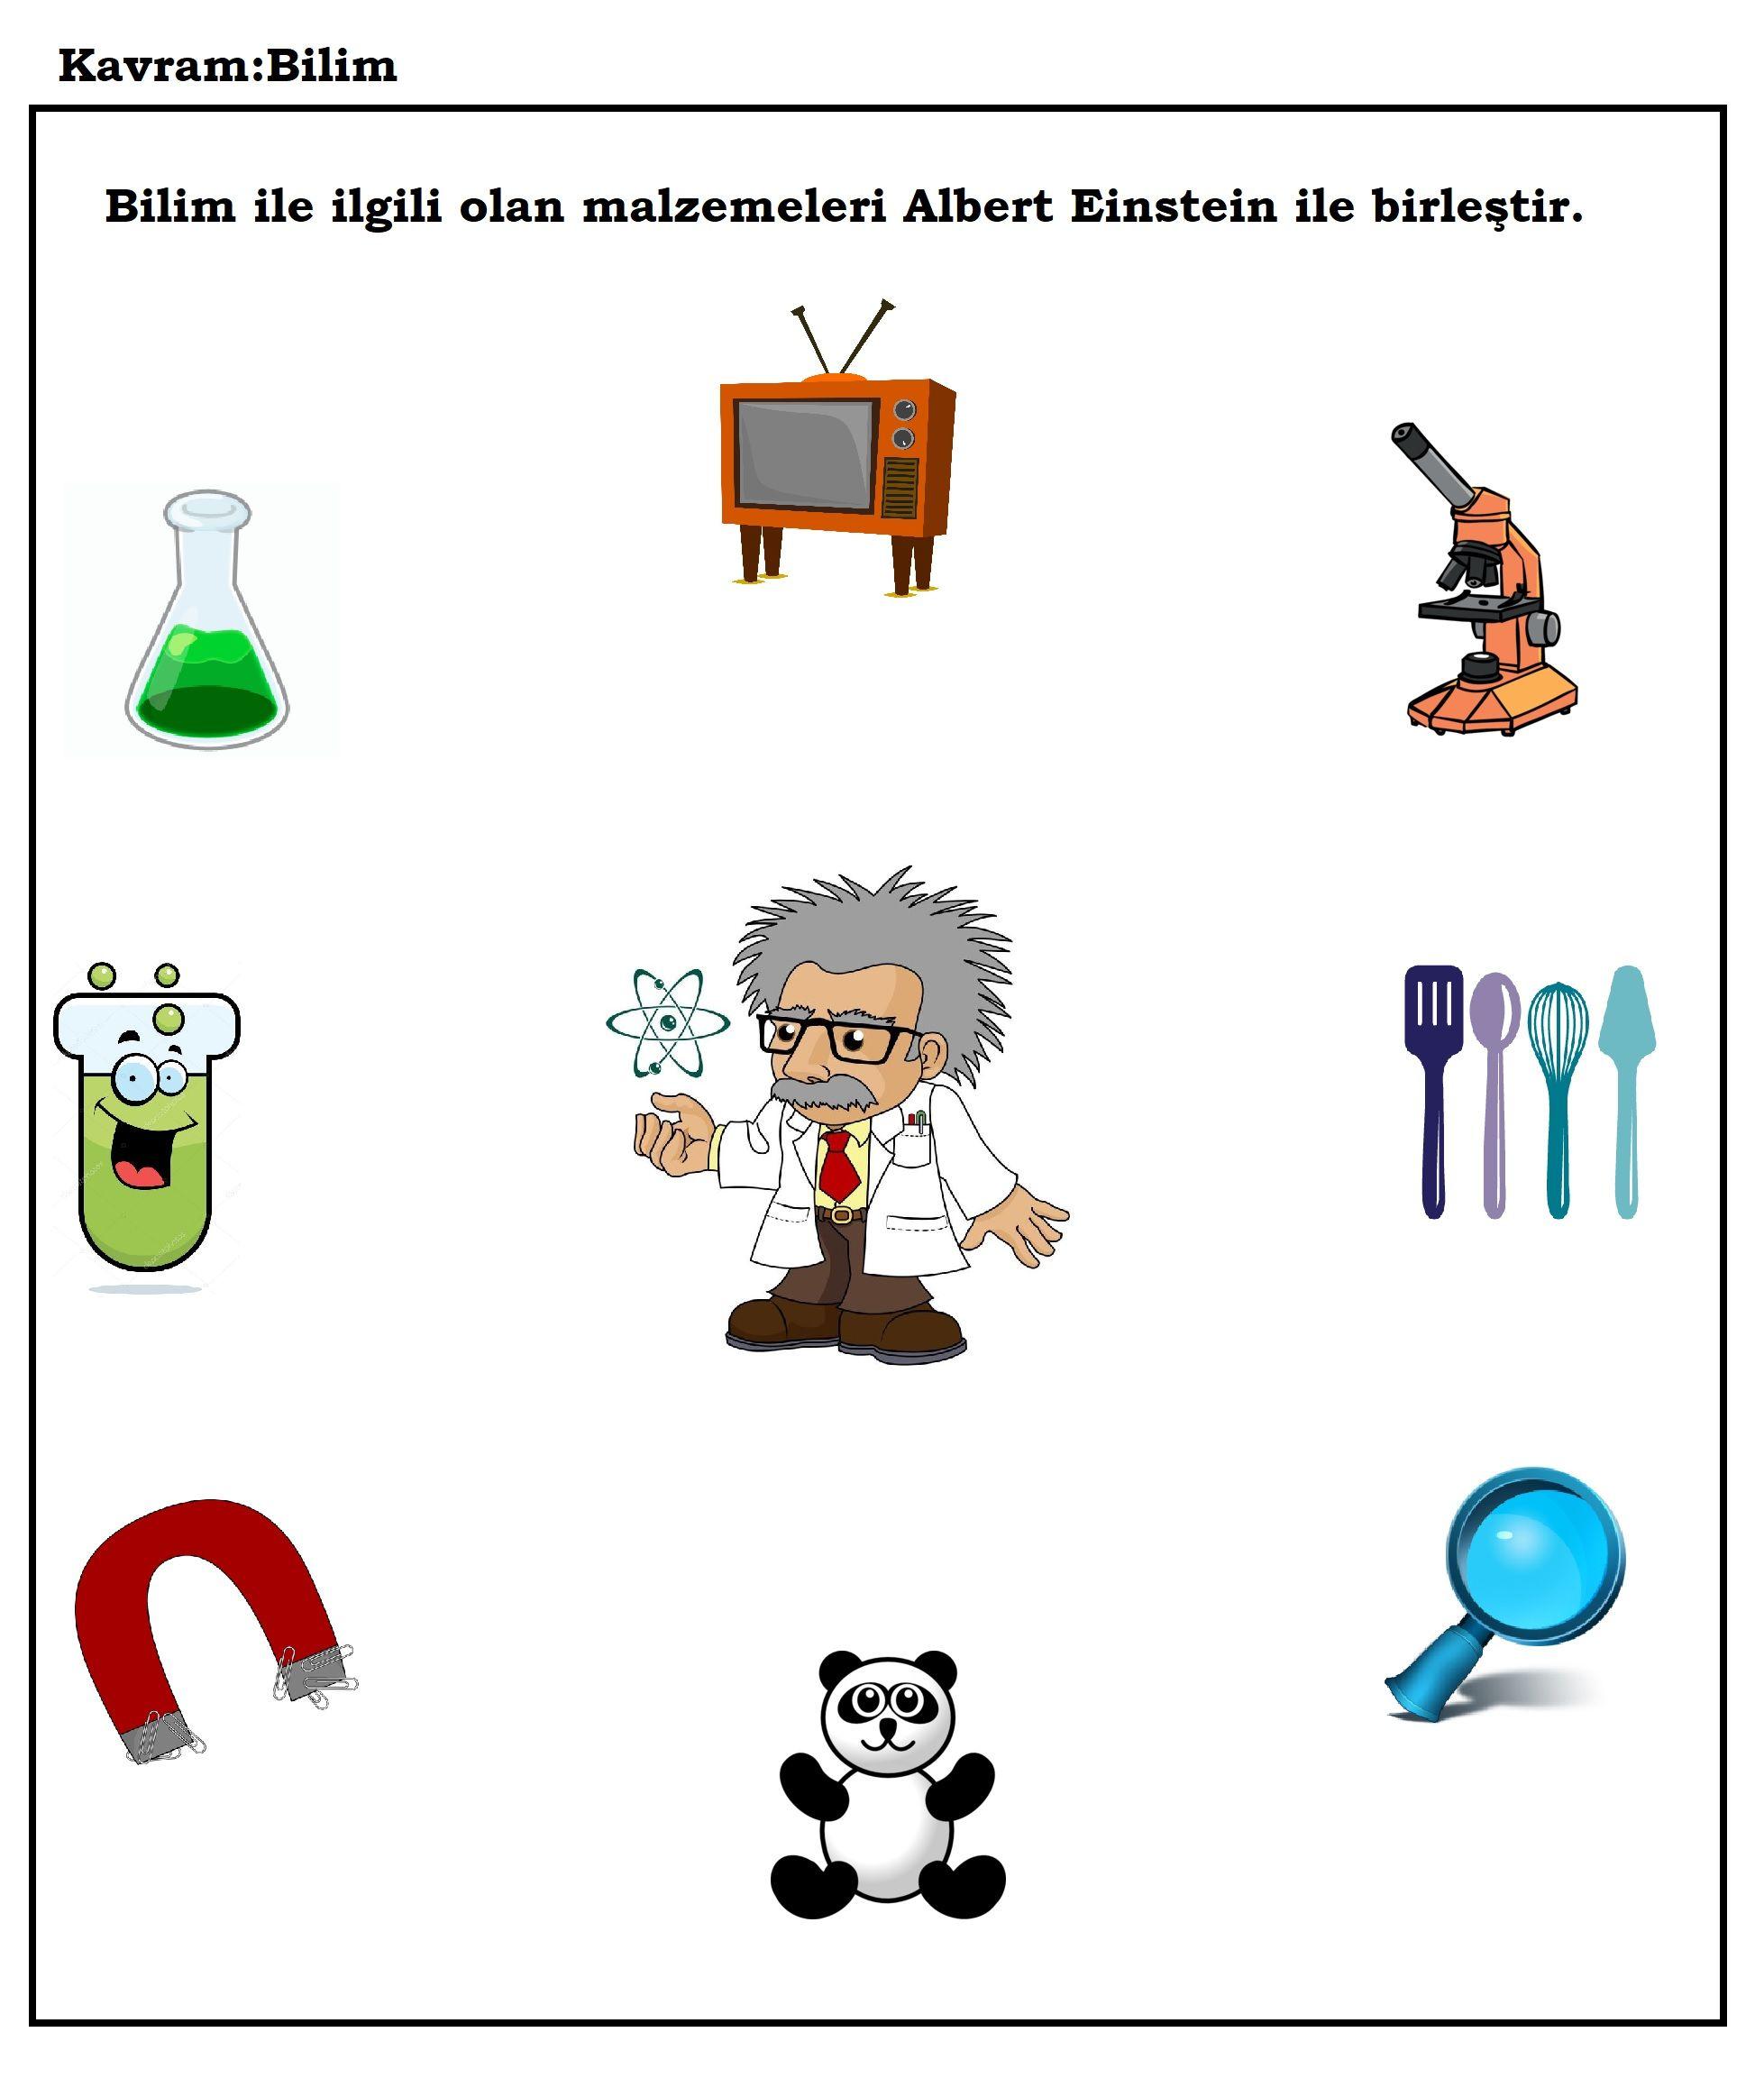 Okul Oncesi Bilim Kavrami Ve Albert Einstein Goruntuler Ile